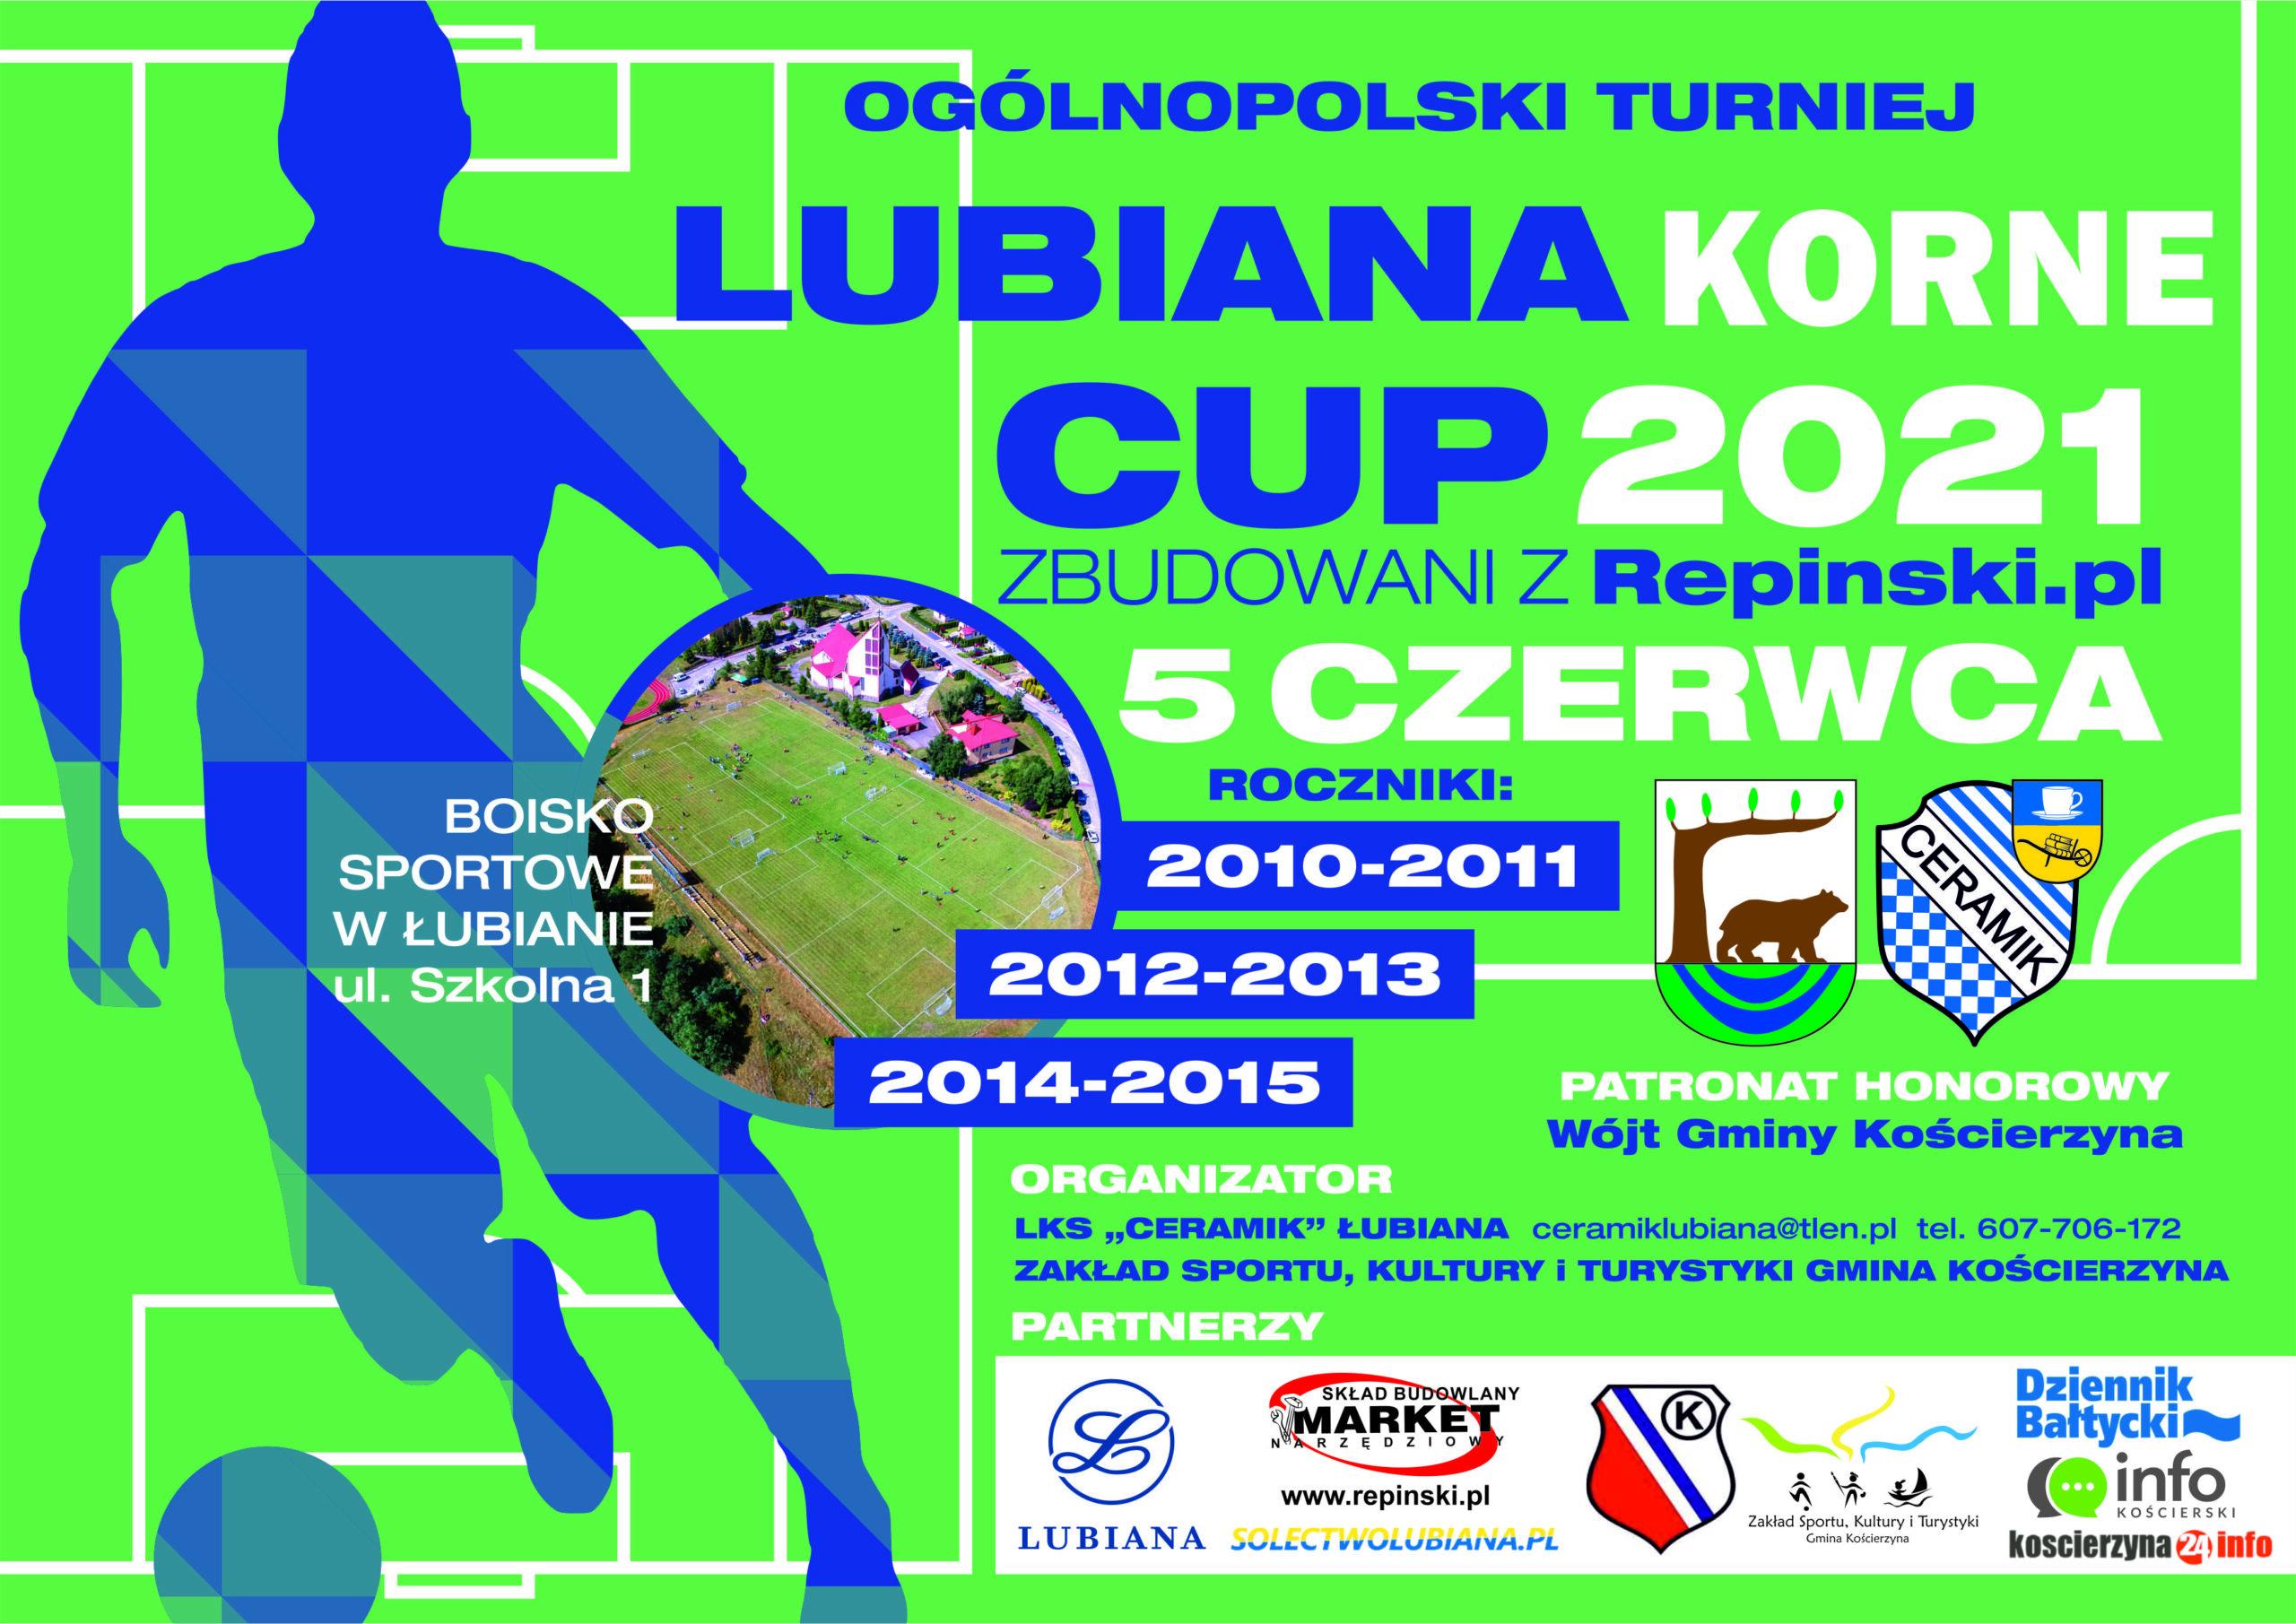 Lubiana Korne Cup 2021 ZBUDOWANI z Repiński.pl